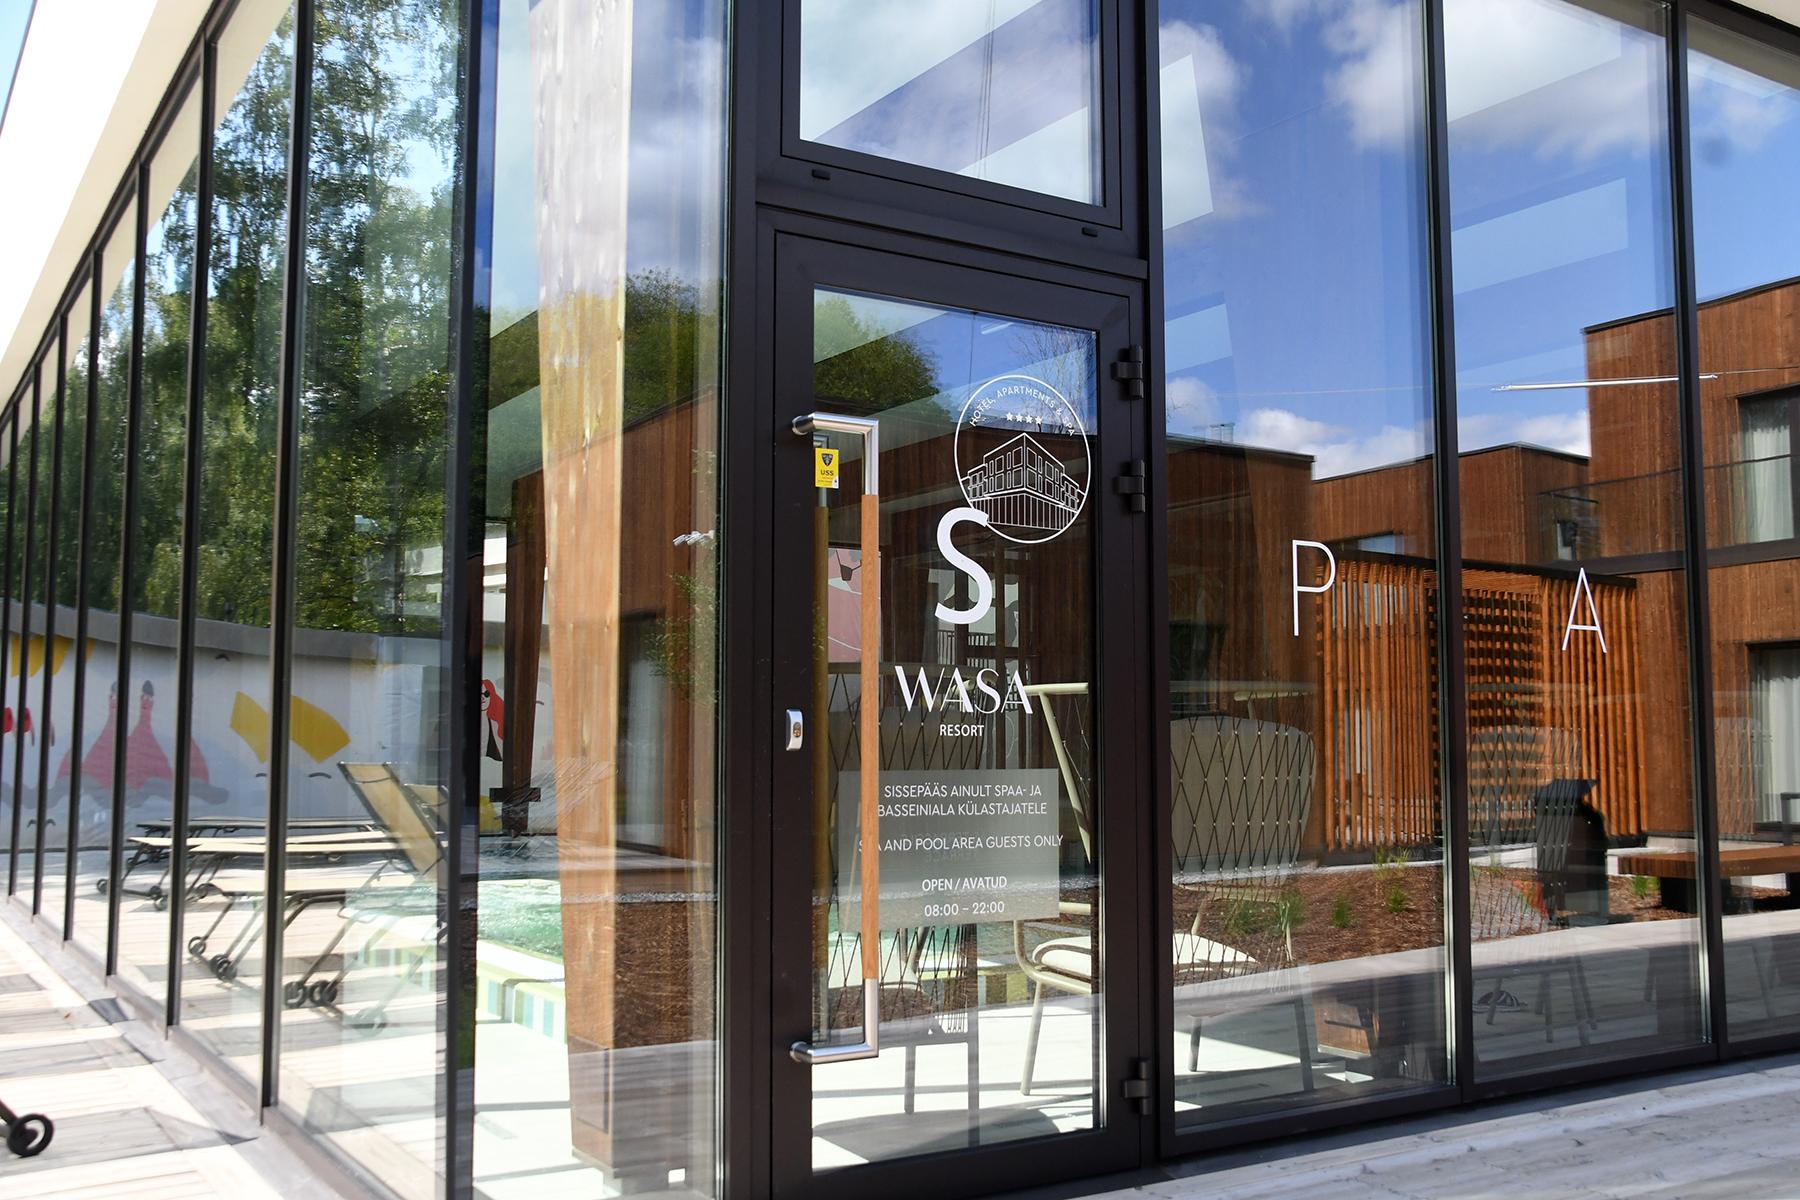 06e2ee9c253 Mitmekülgselt uudsete arhitektuuriliste lahenduste ja uuendusliku  teenindusega Wasa Resort spaahotell Pärnus. Foto Urmas Saard